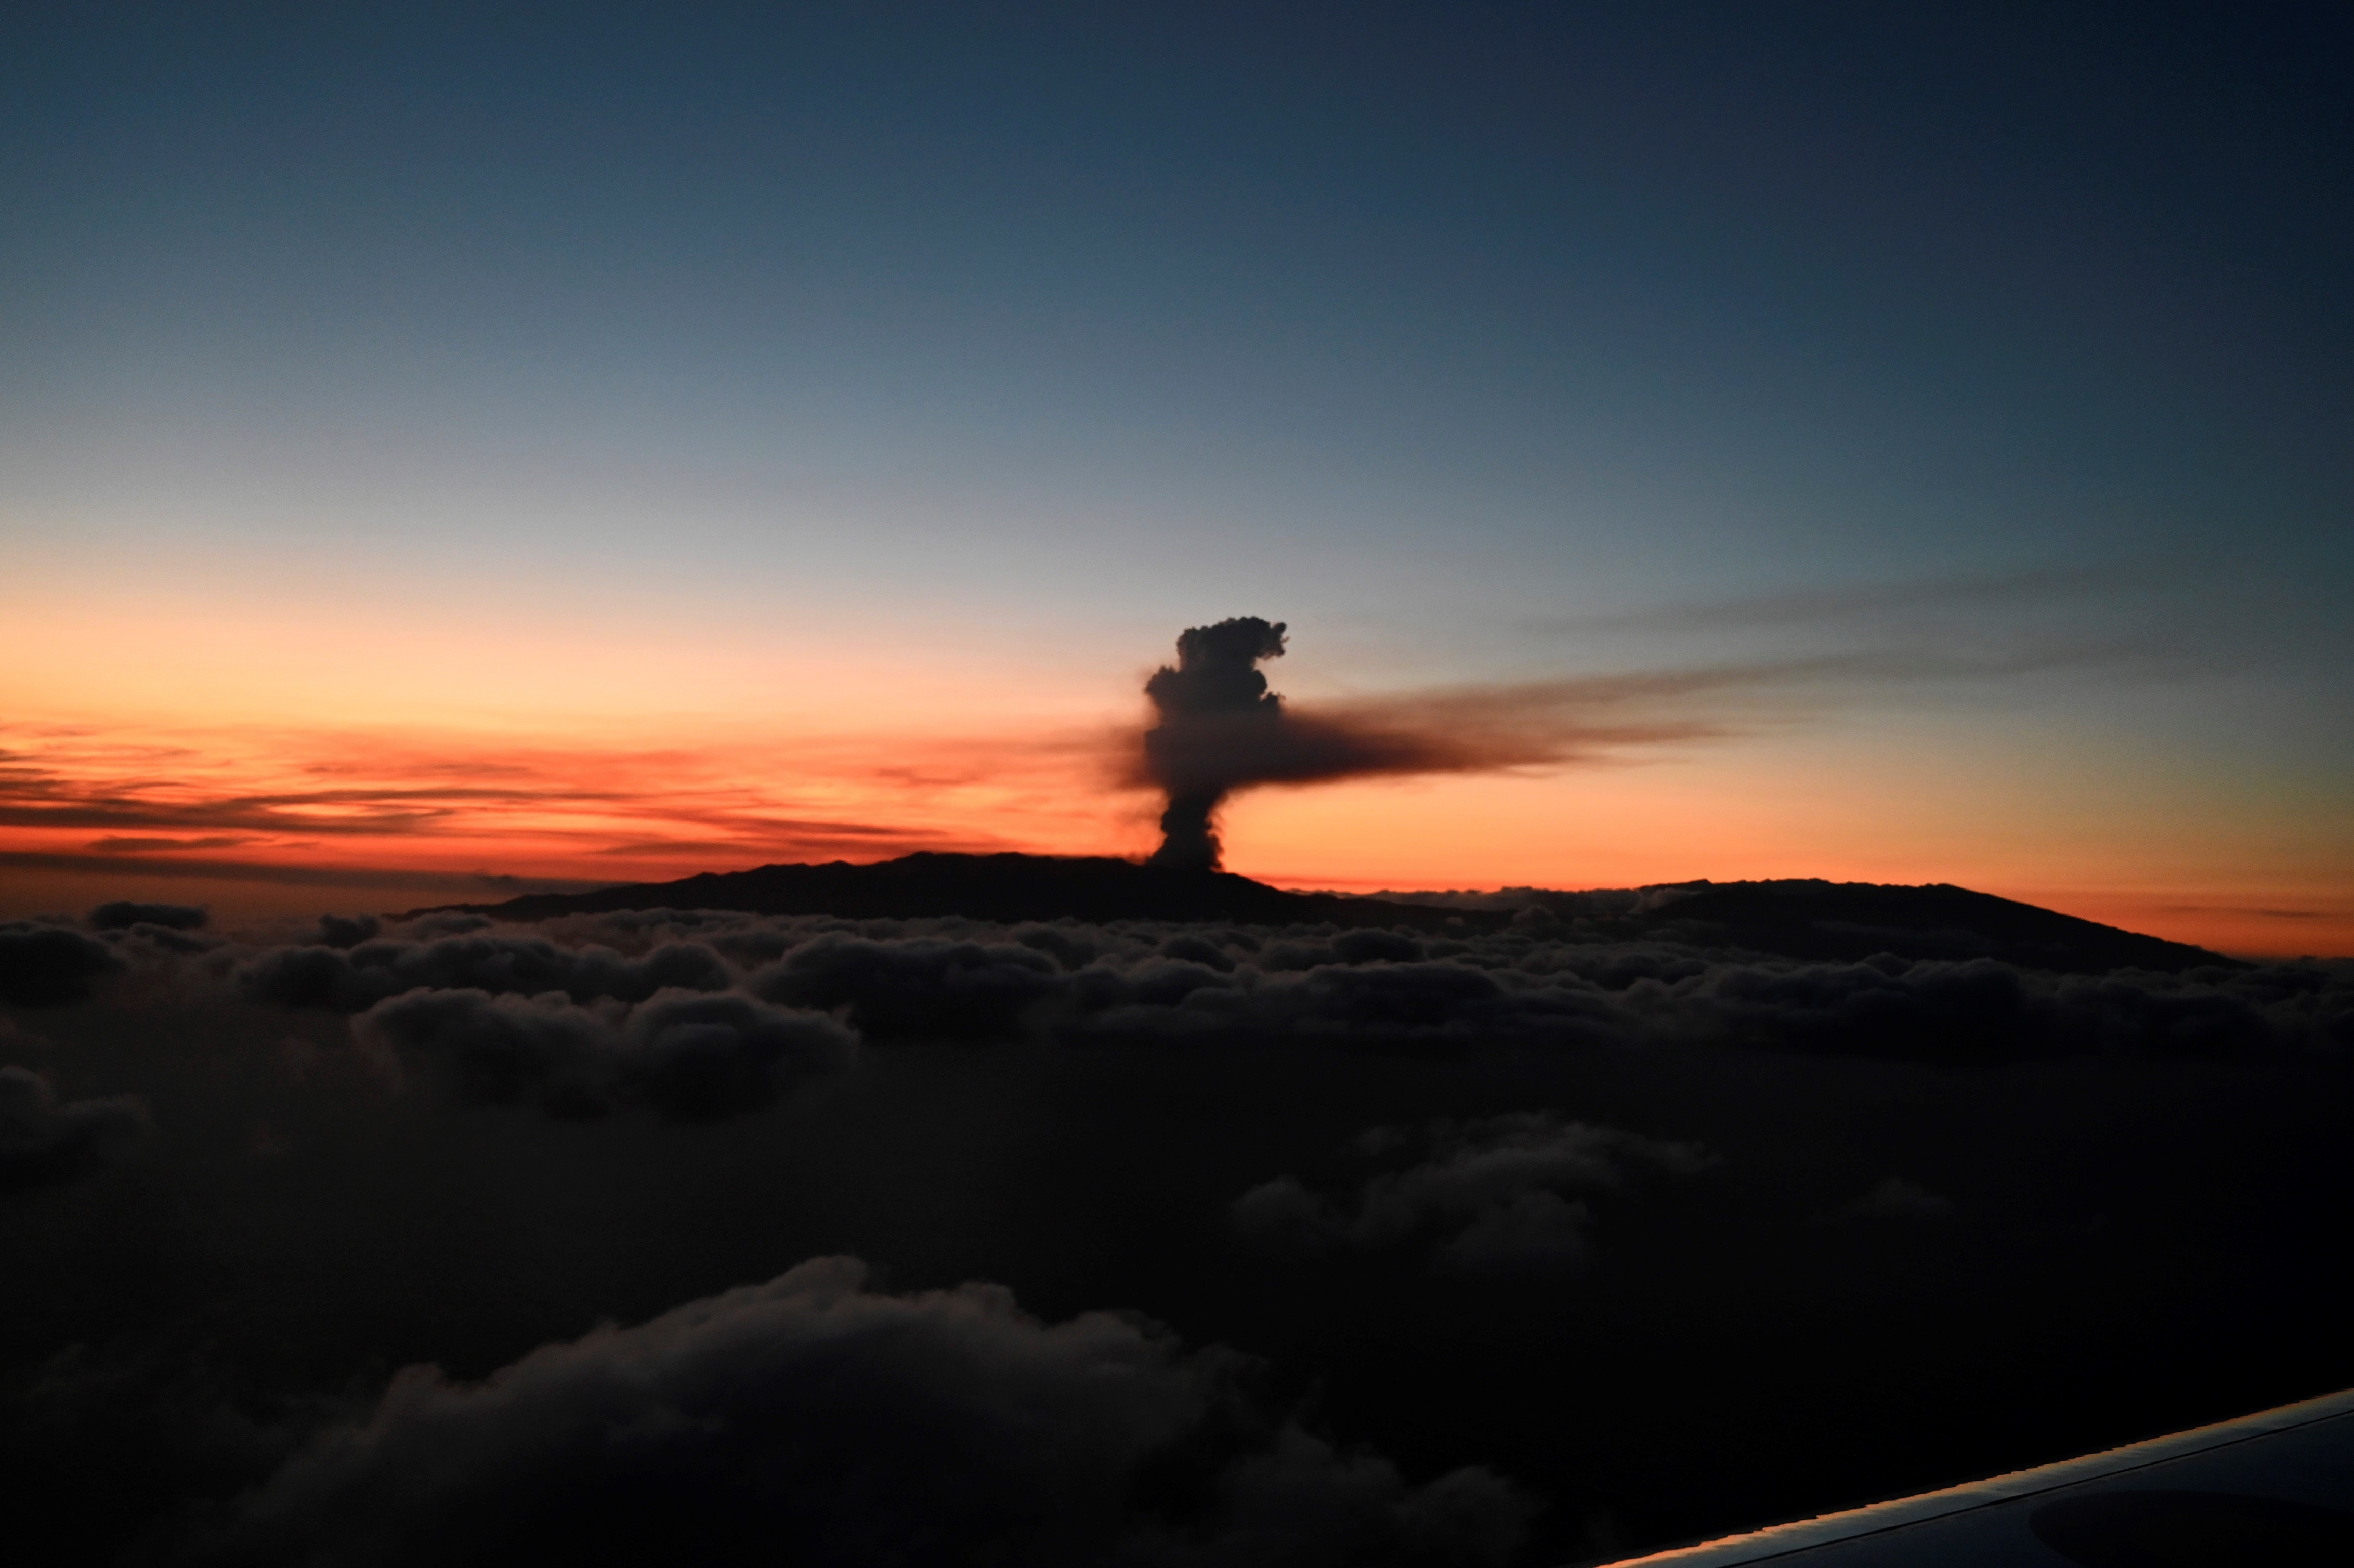 Erupción volcánica en la Cumbre Vieja de La Palma